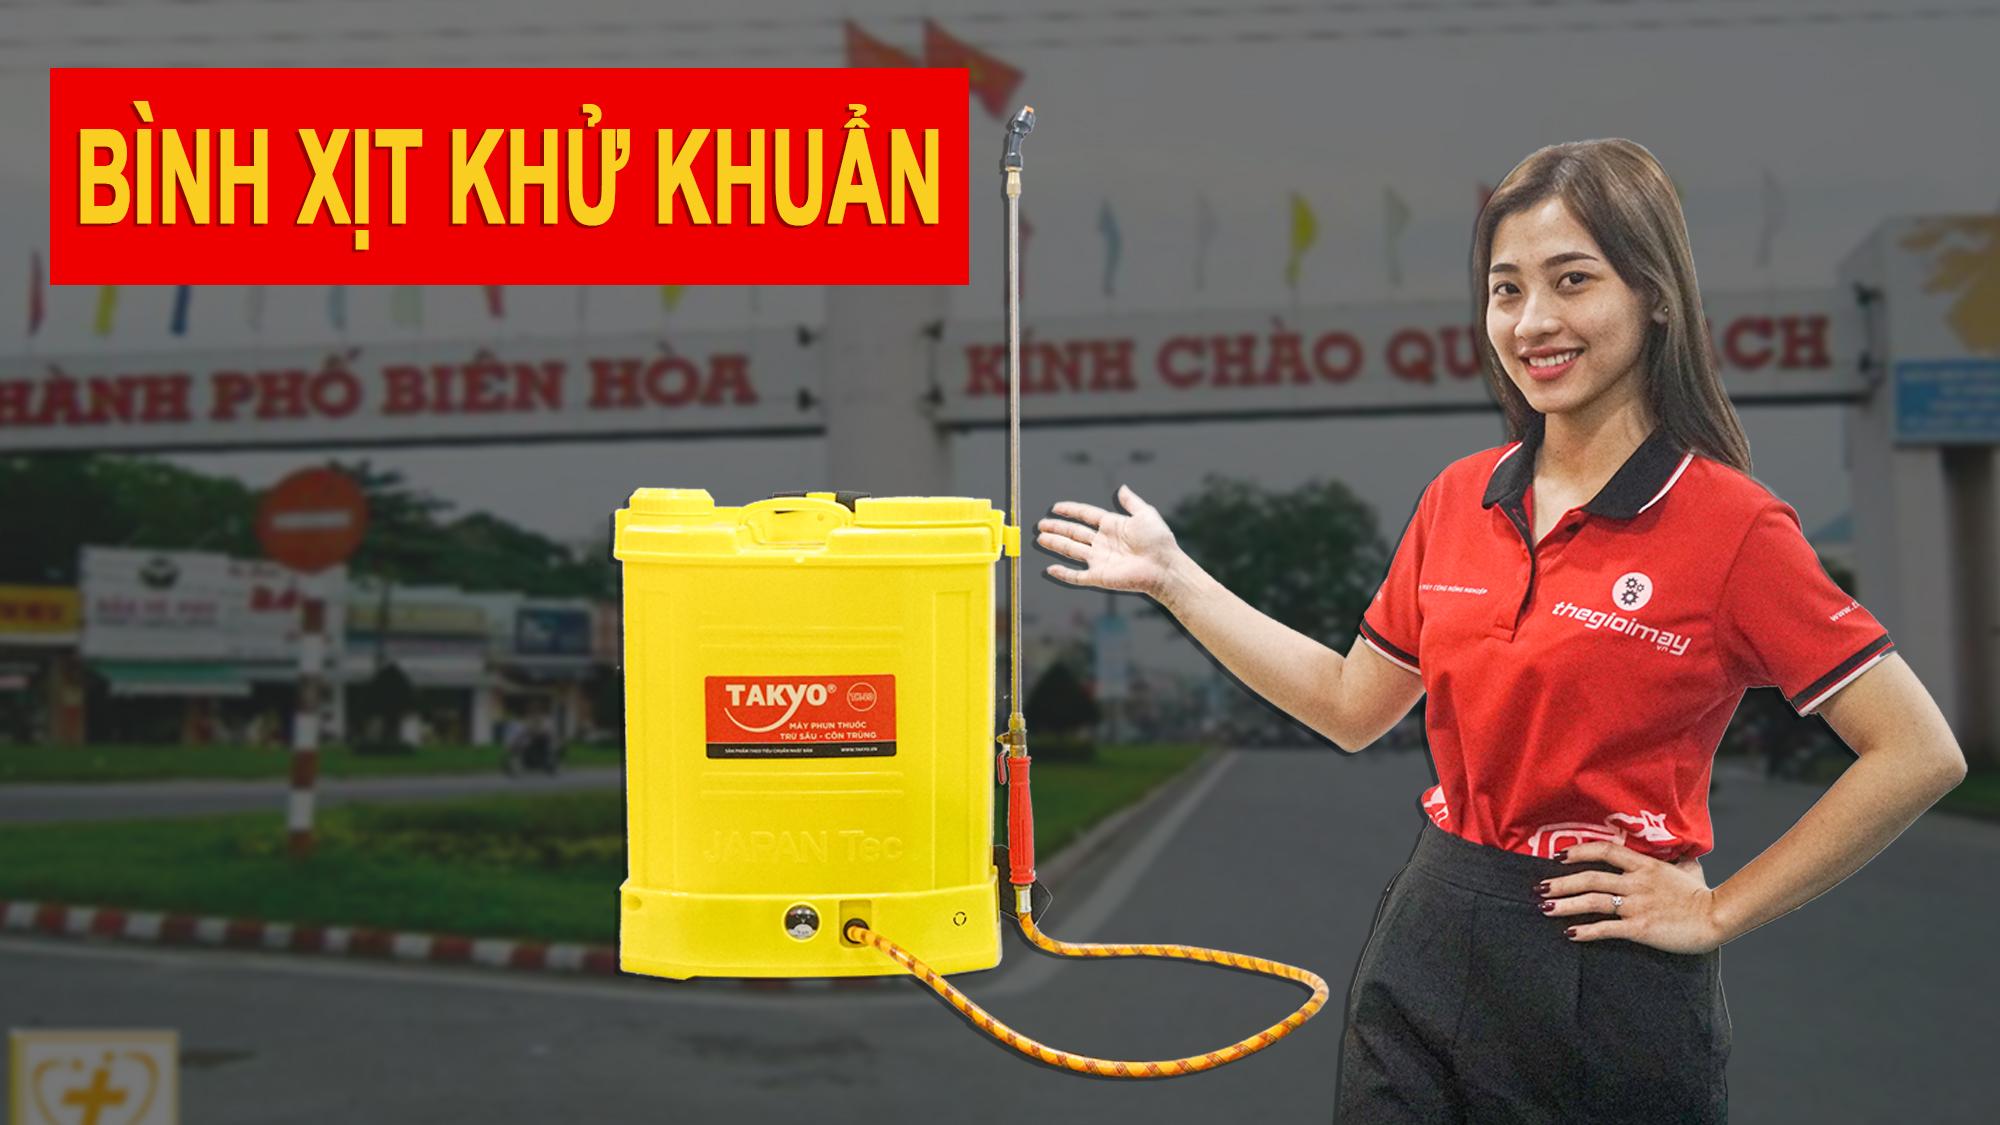 Bình xịt điện khử trùng tại Đồng Nai